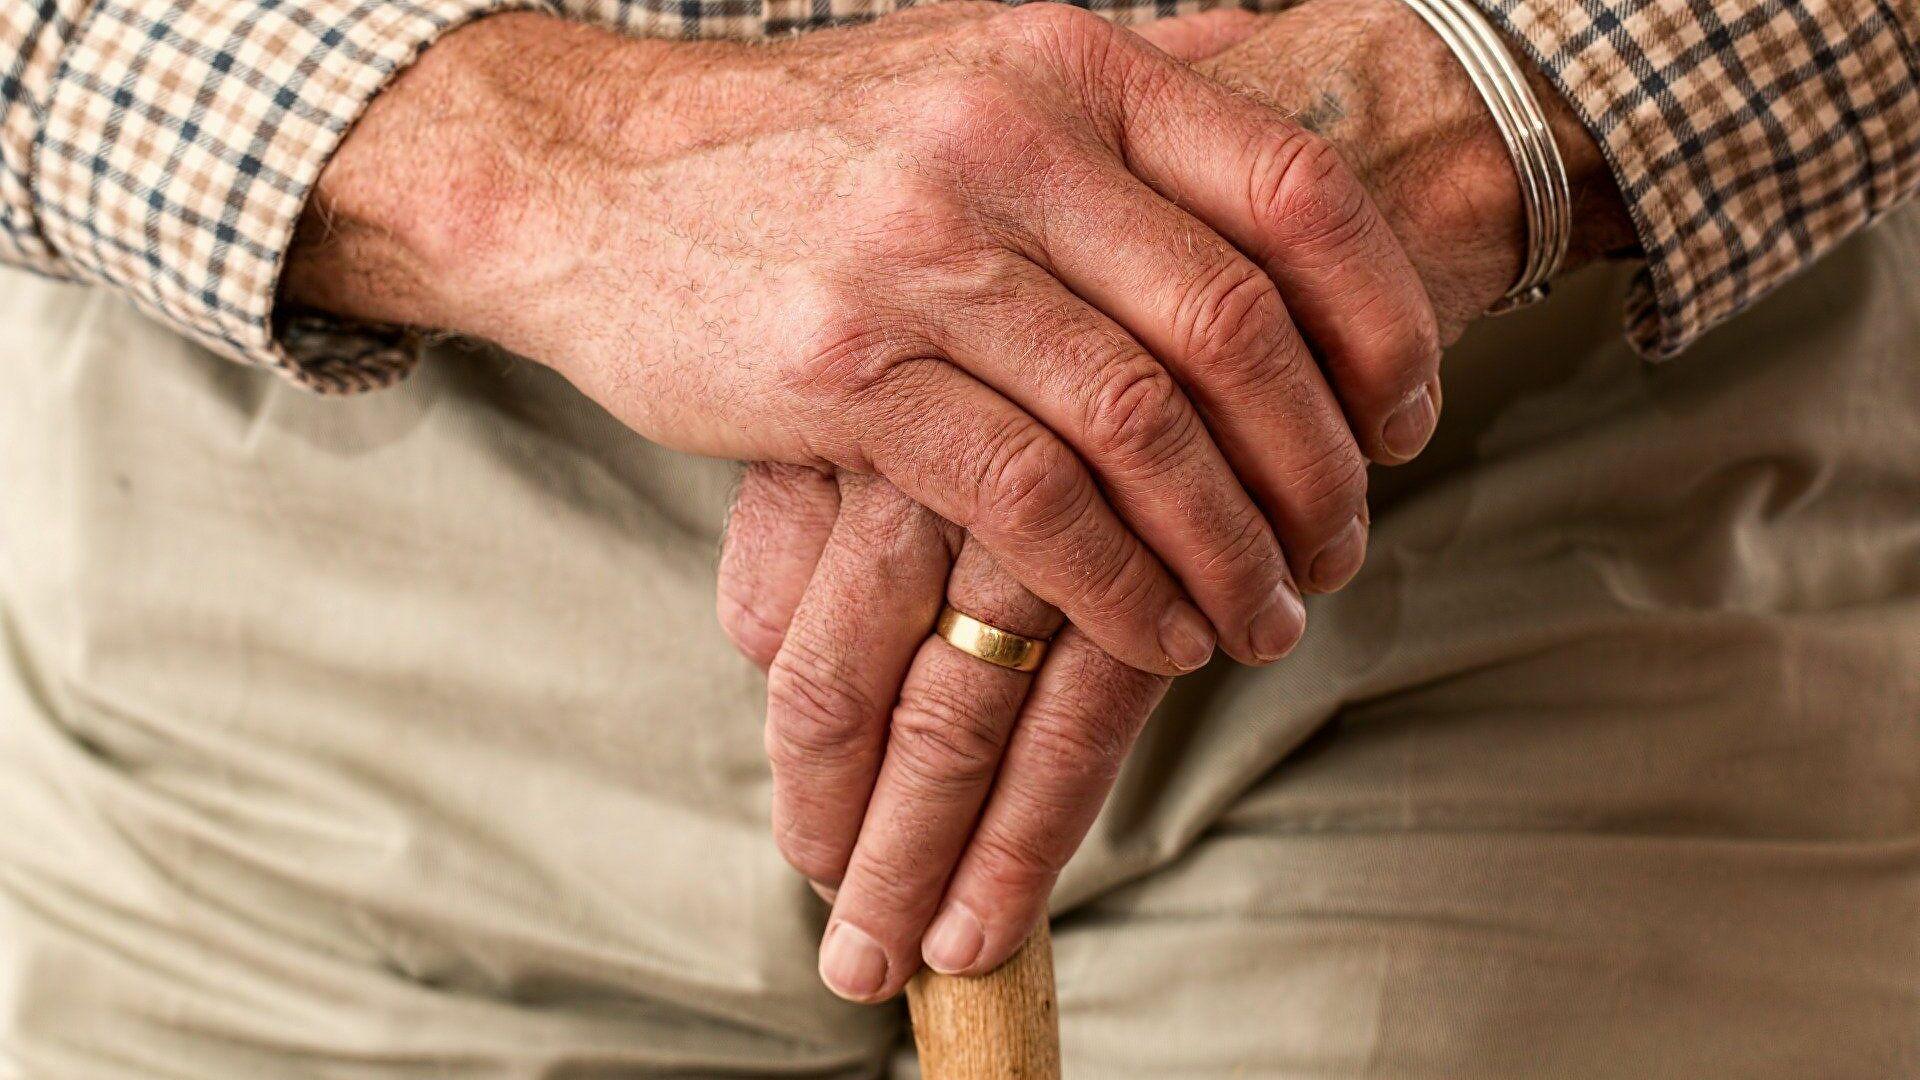 Siete malos hábitos que te hacen envejecer más rápido